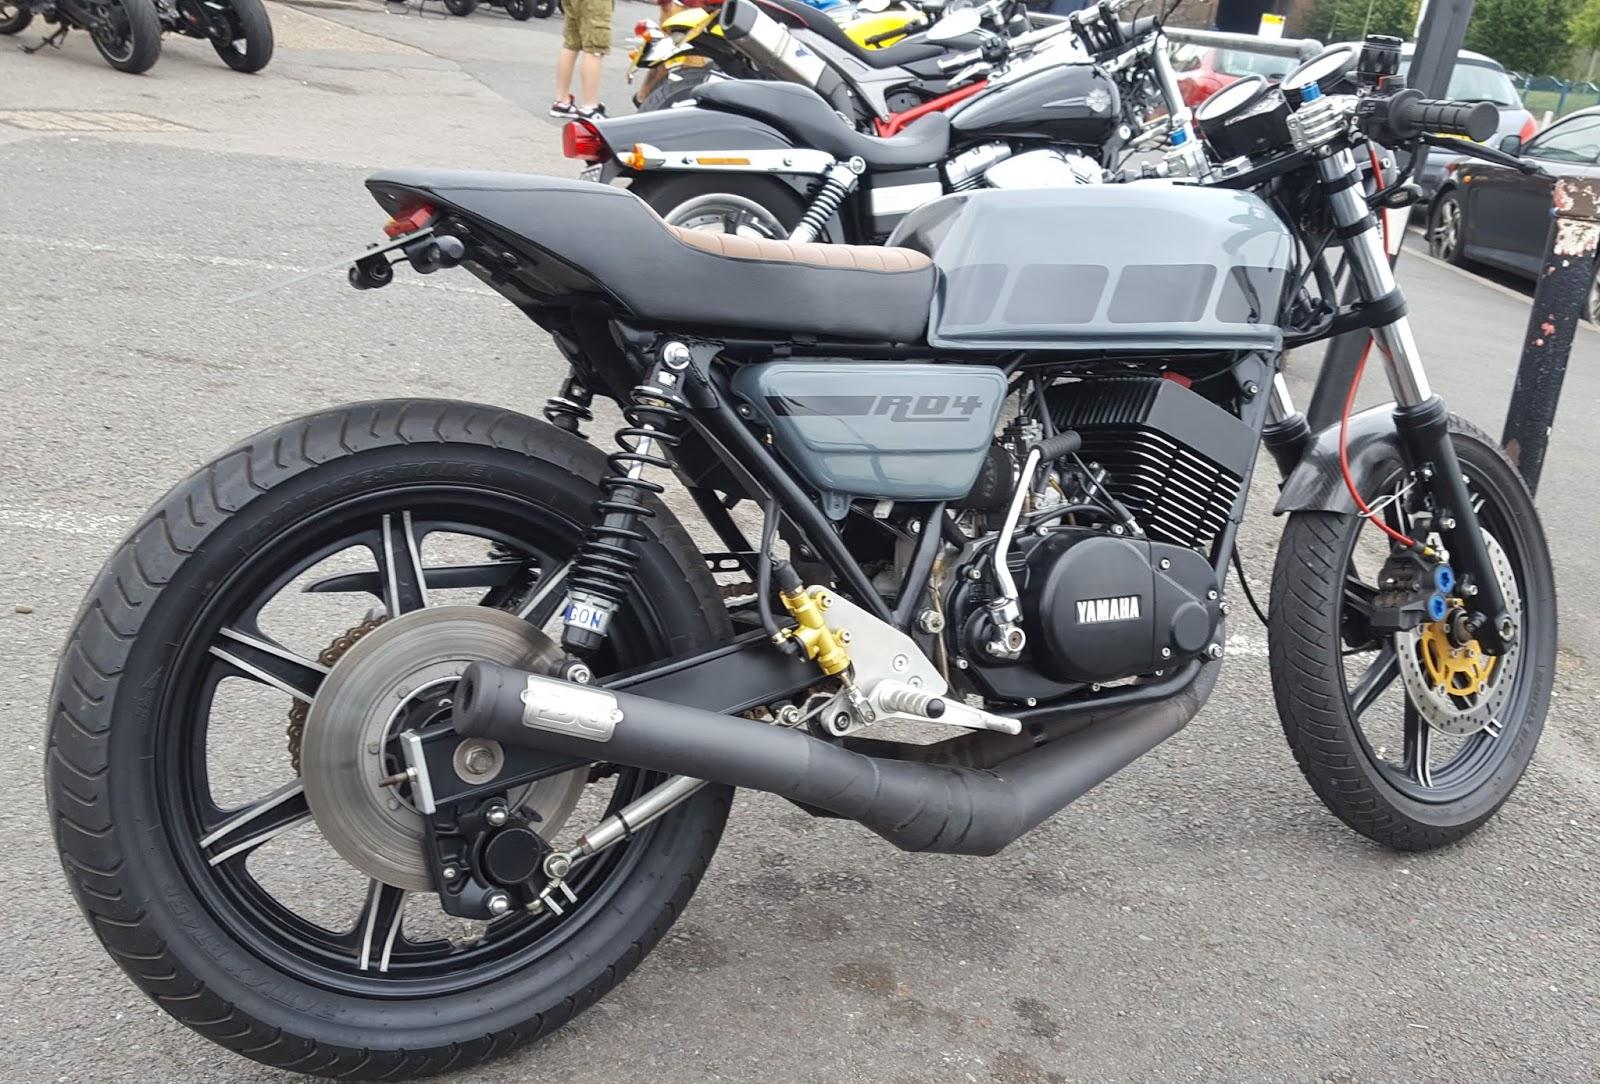 European Motorcycle Diaries: Yamaha RD400